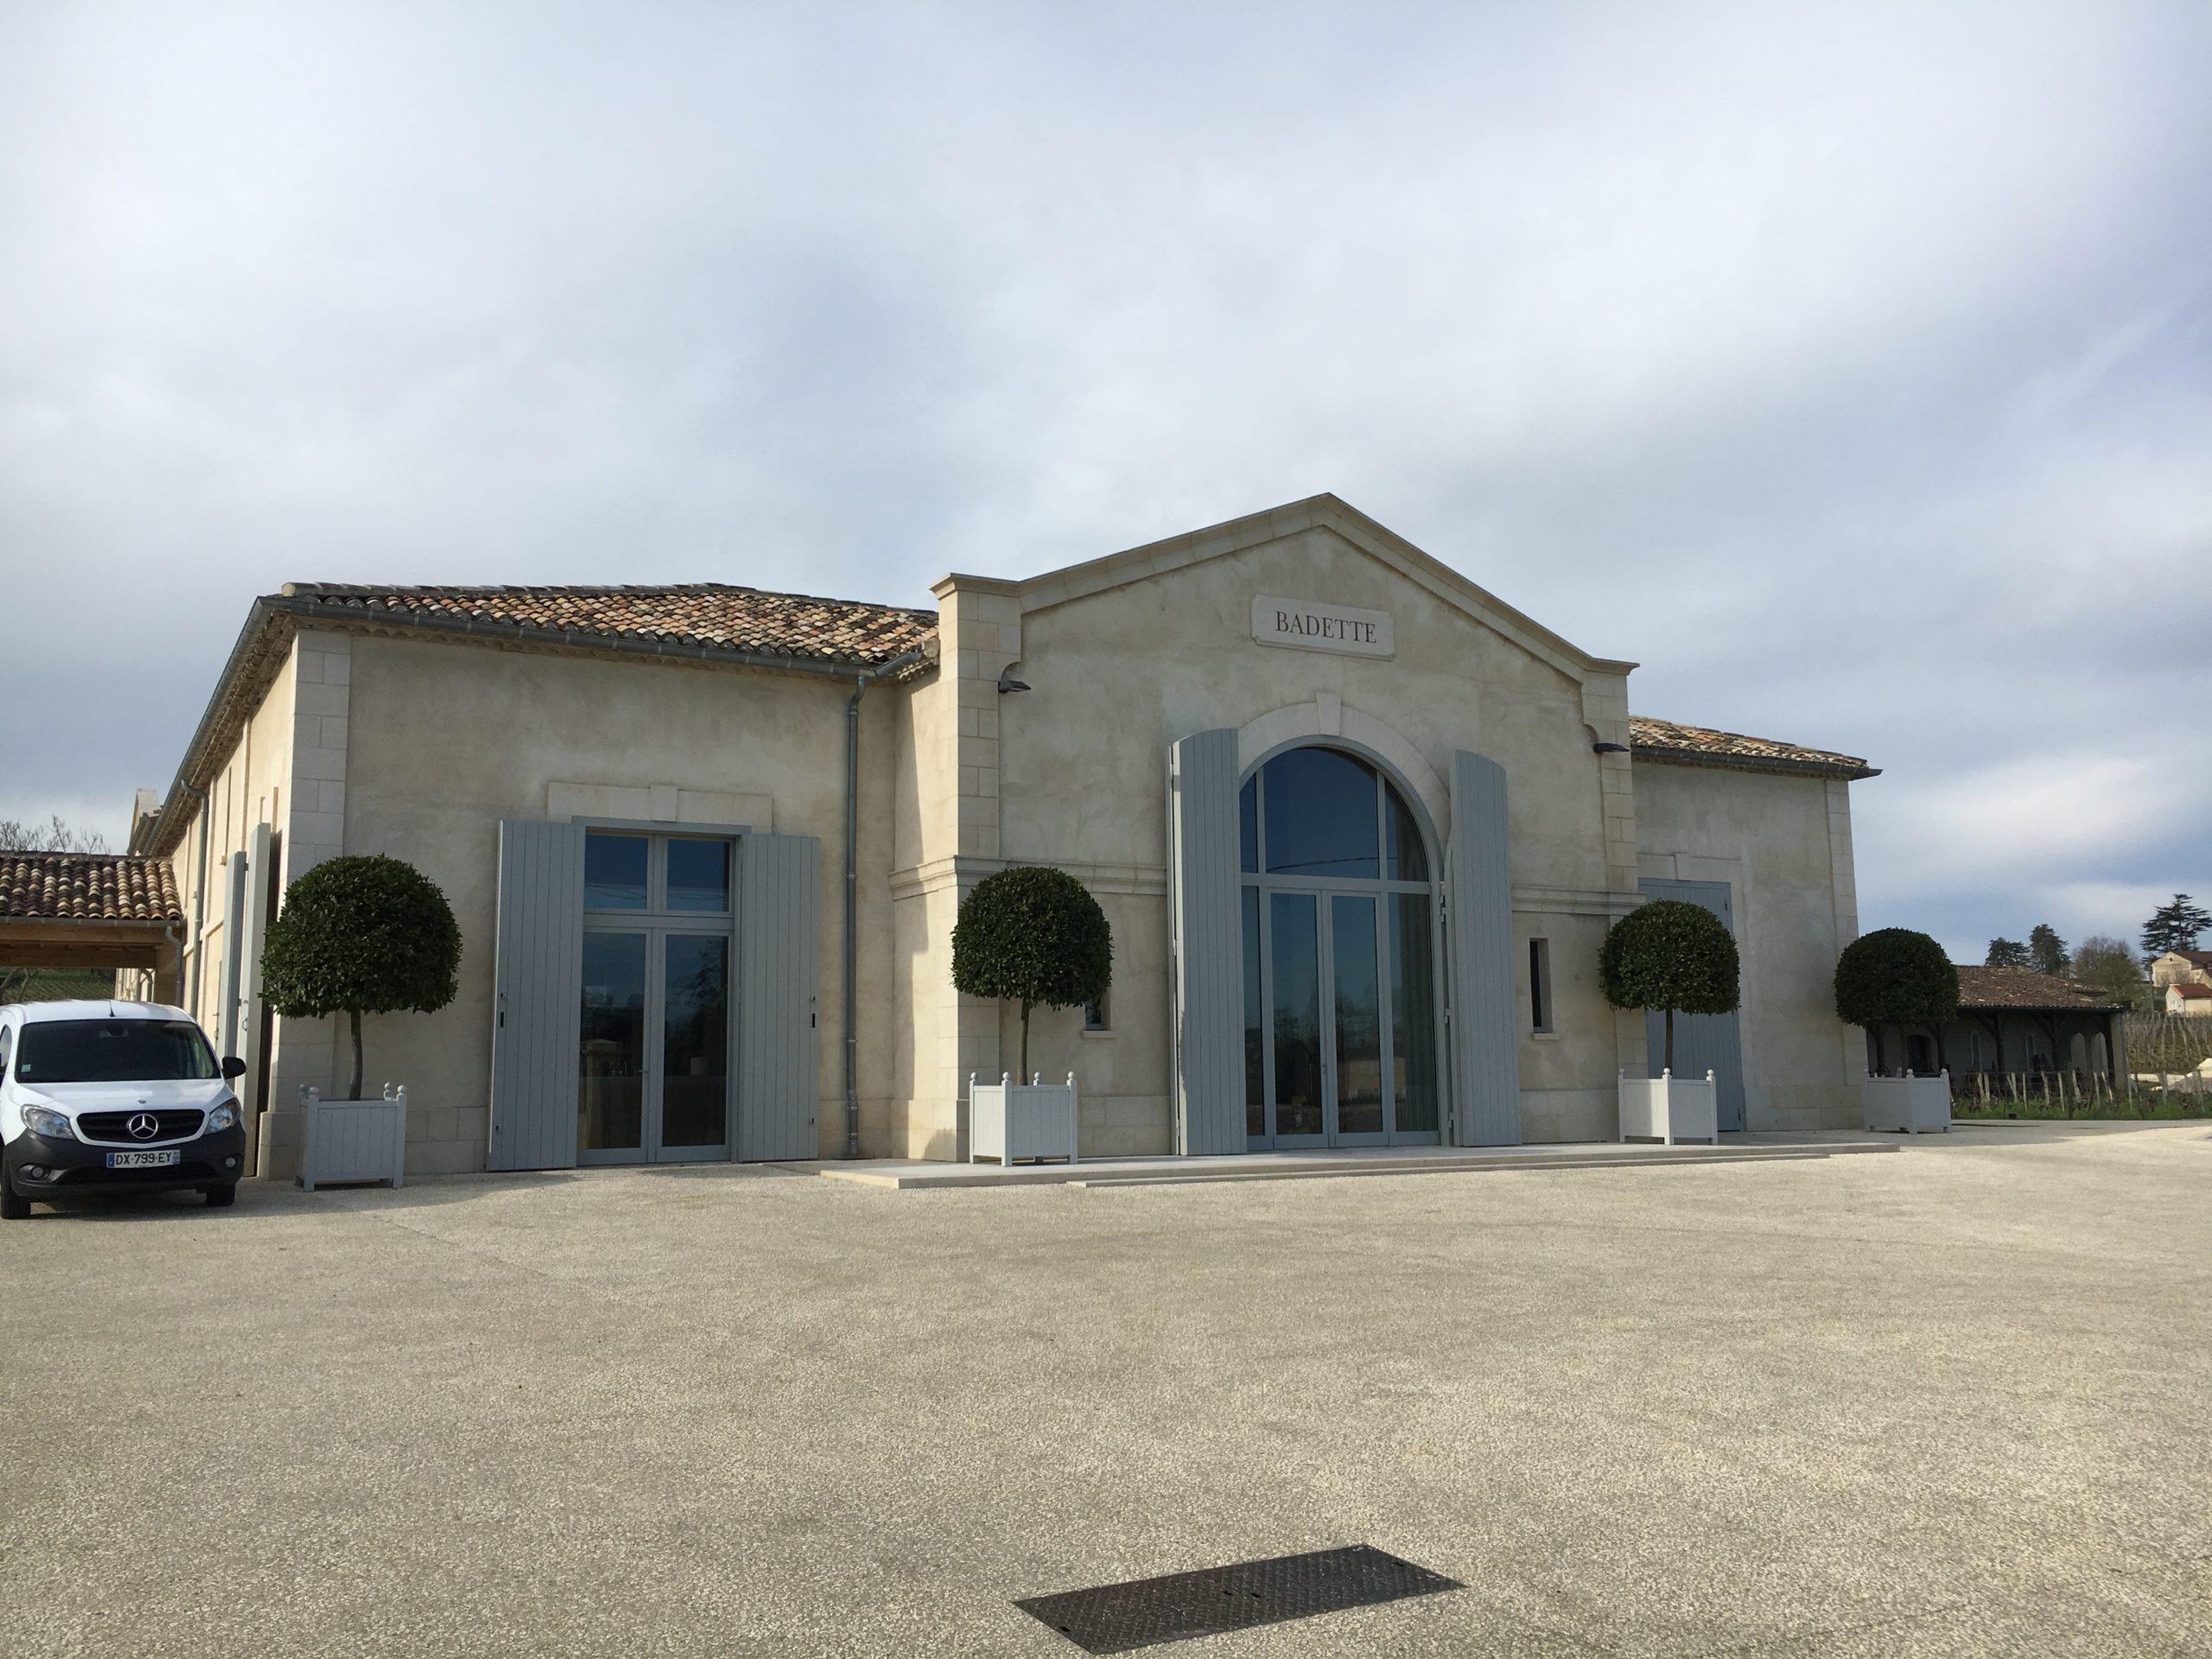 Renovation du Château Babette dans le Saint Emilion : peinture, boiserie, plafond, sol refaits par l'entreprise Marcillac et fils